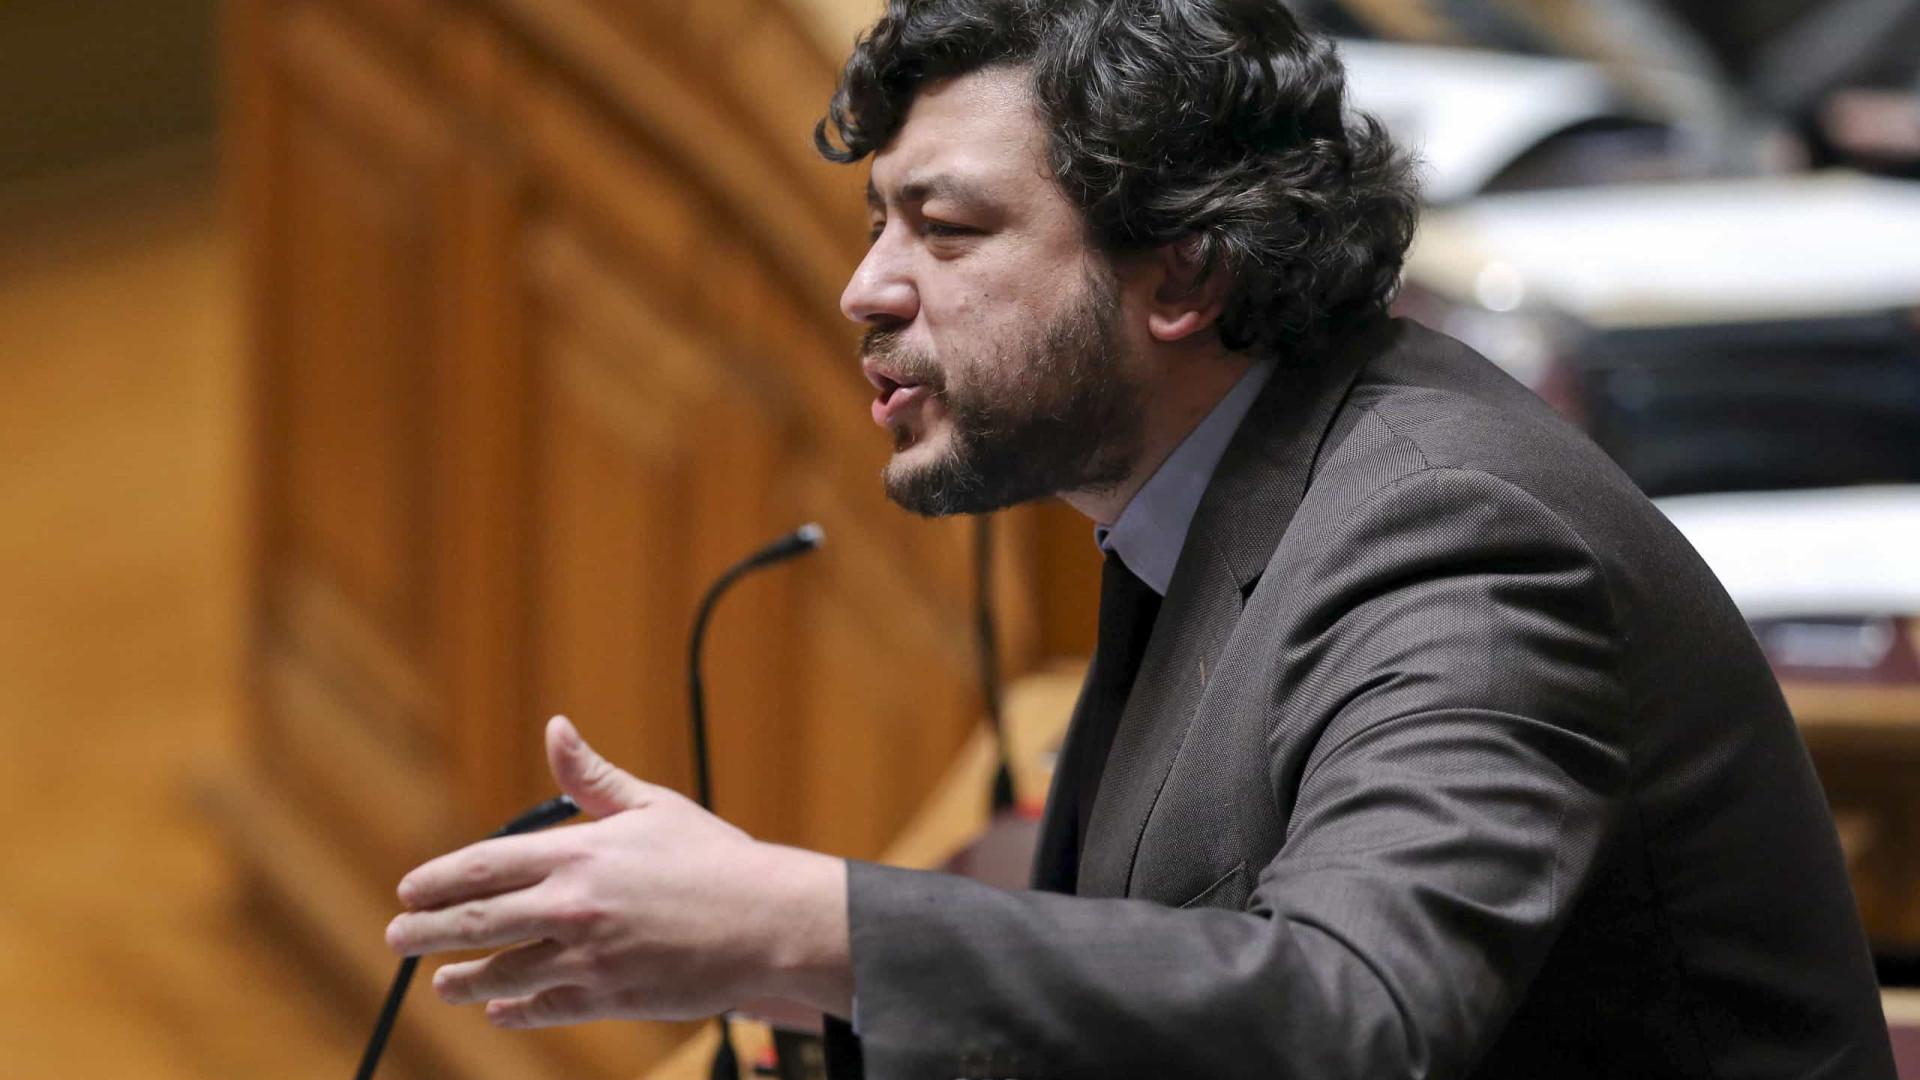 Tancos: PS acusa PSD de tentar credibilizar relatório sem suporte real